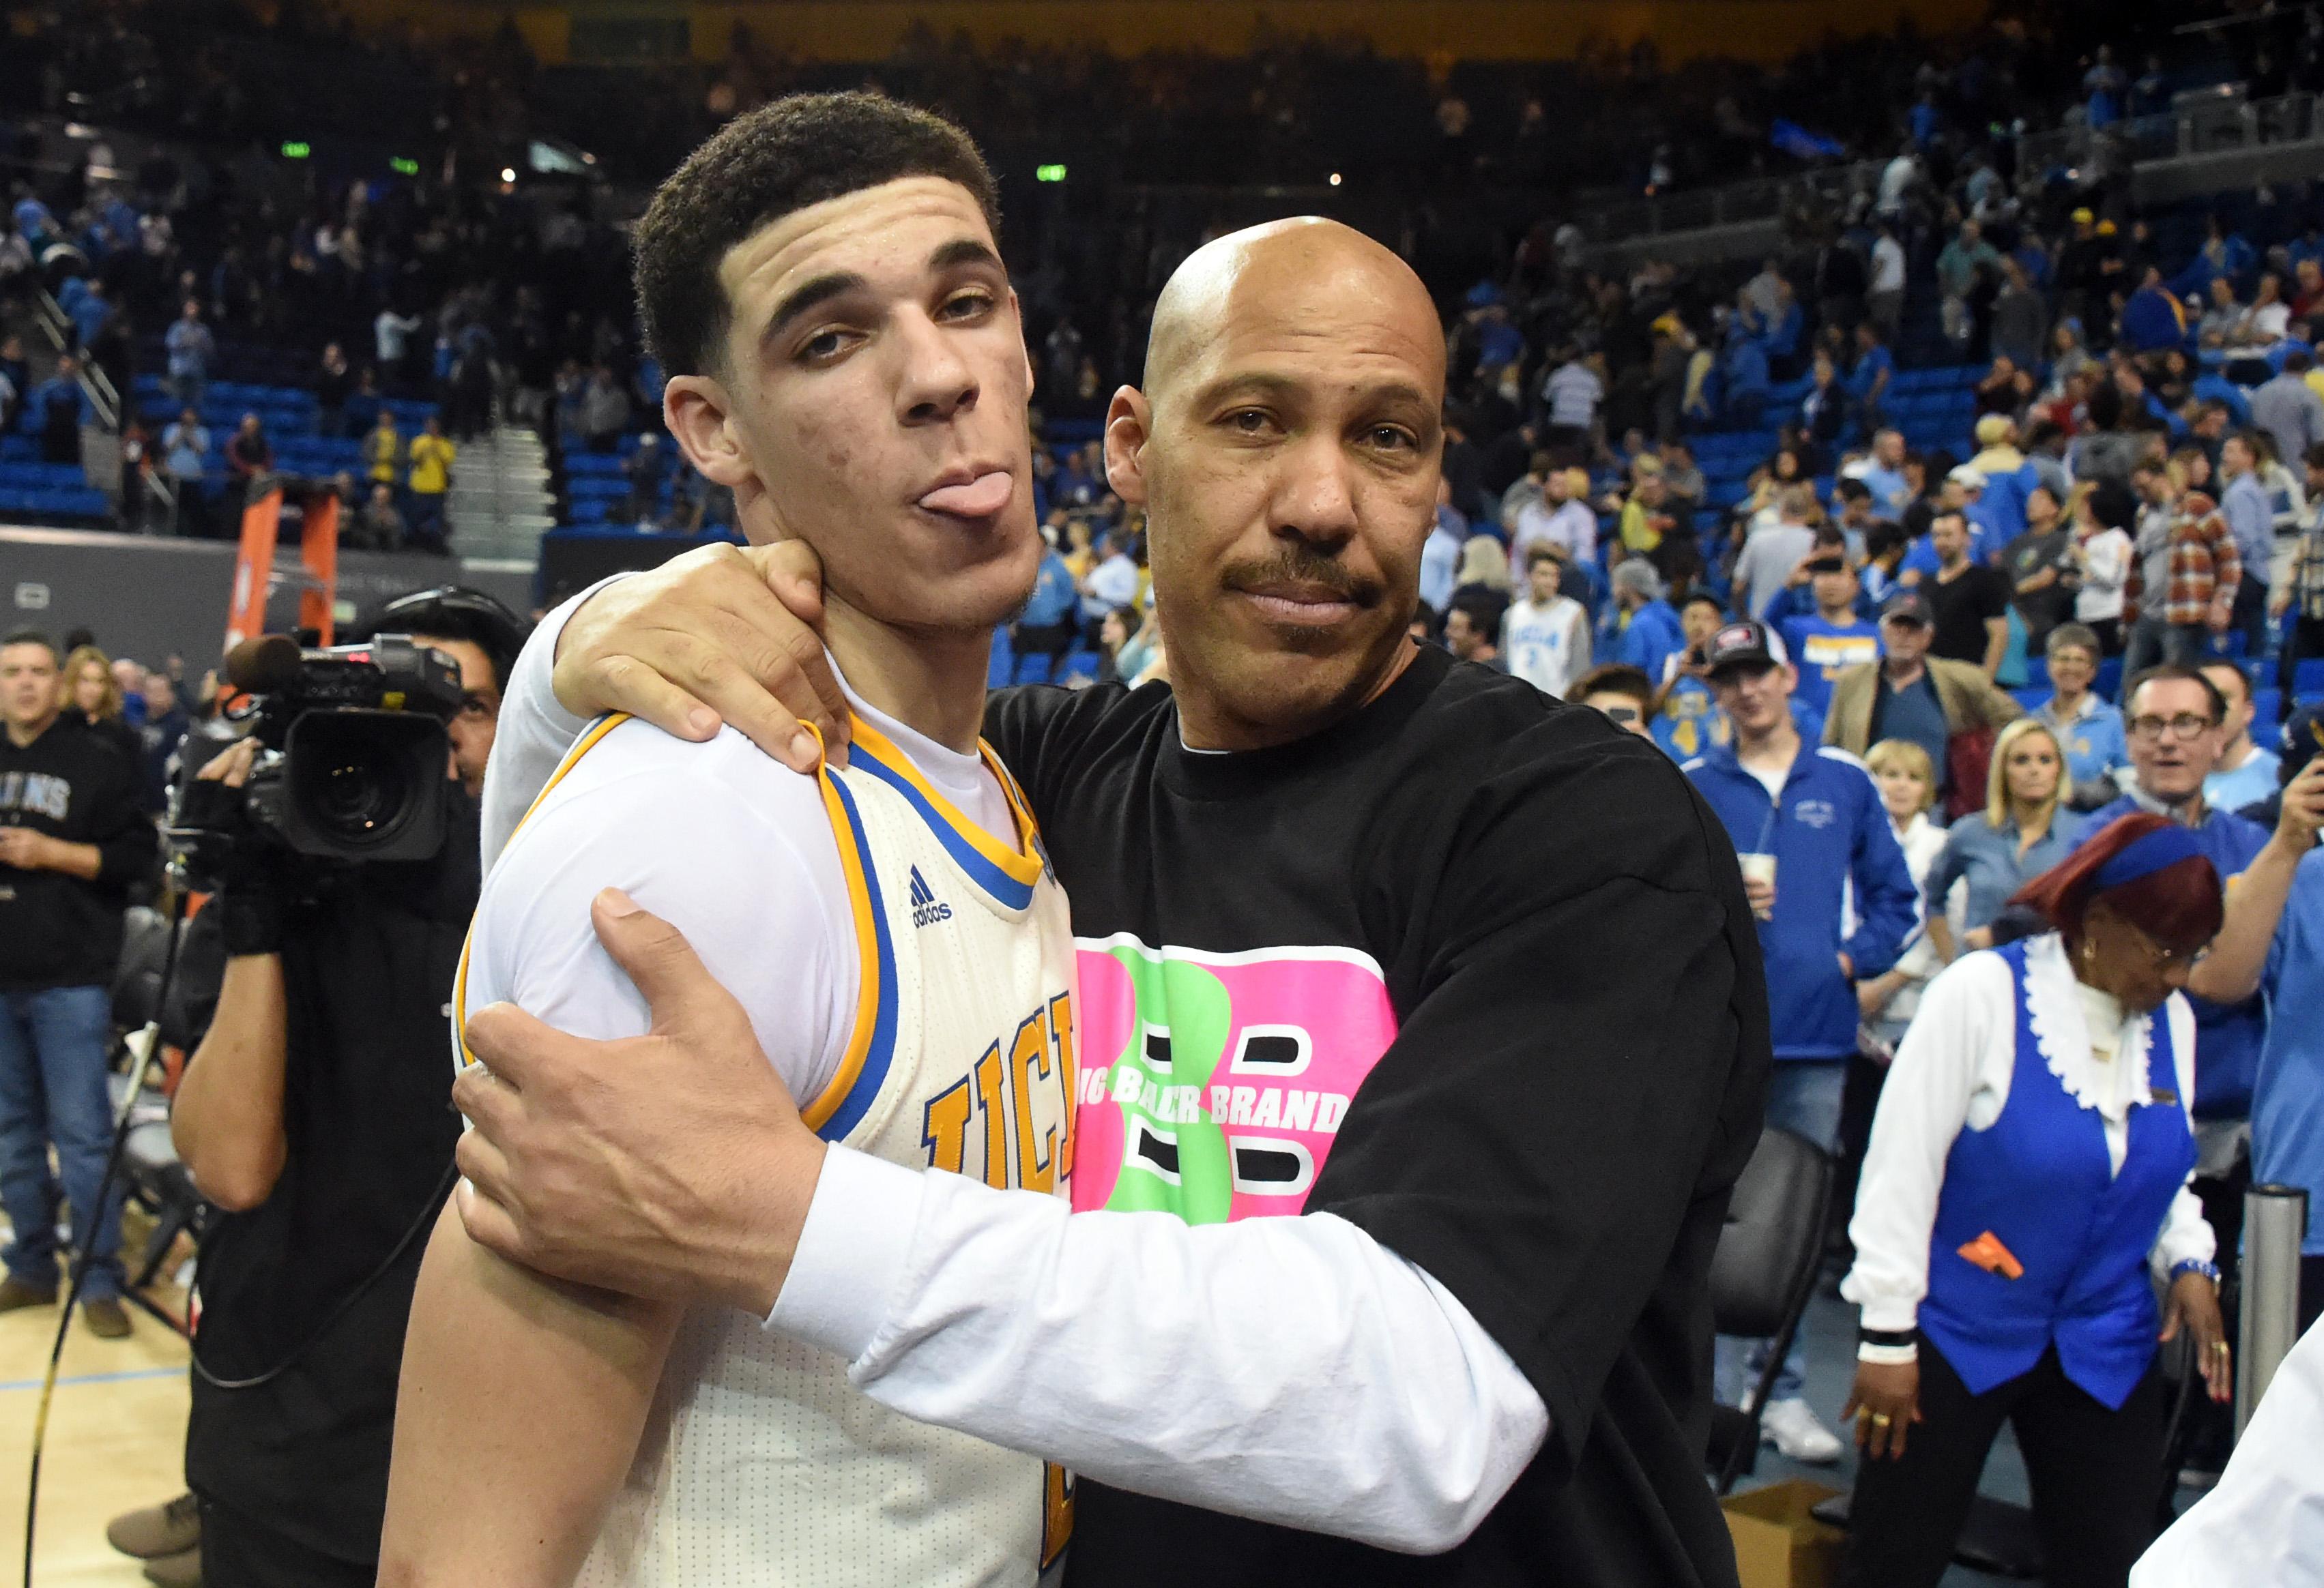 http://hardwoodhoudini.com/wp-content/uploads/usat-images/2016/04/9918997-ncaa-basketball-washington-state-at-ucla-2.jpeg